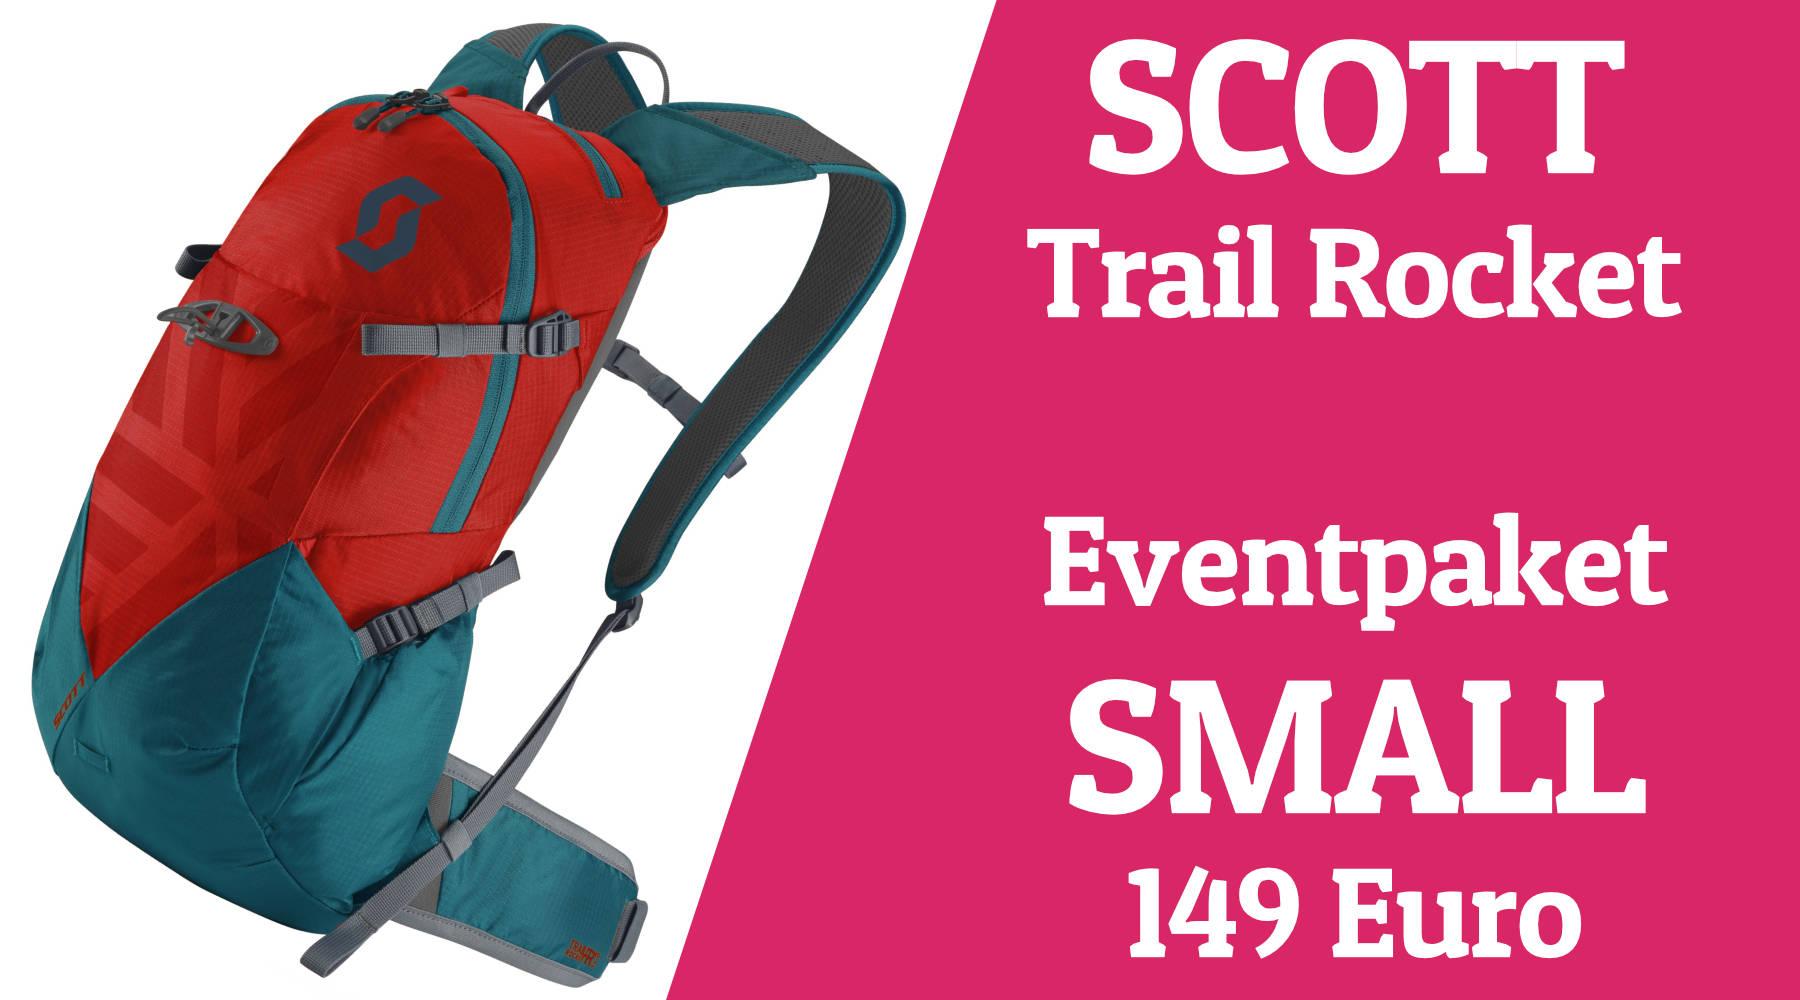 SCOTT-TRAIL-ROCKET-small